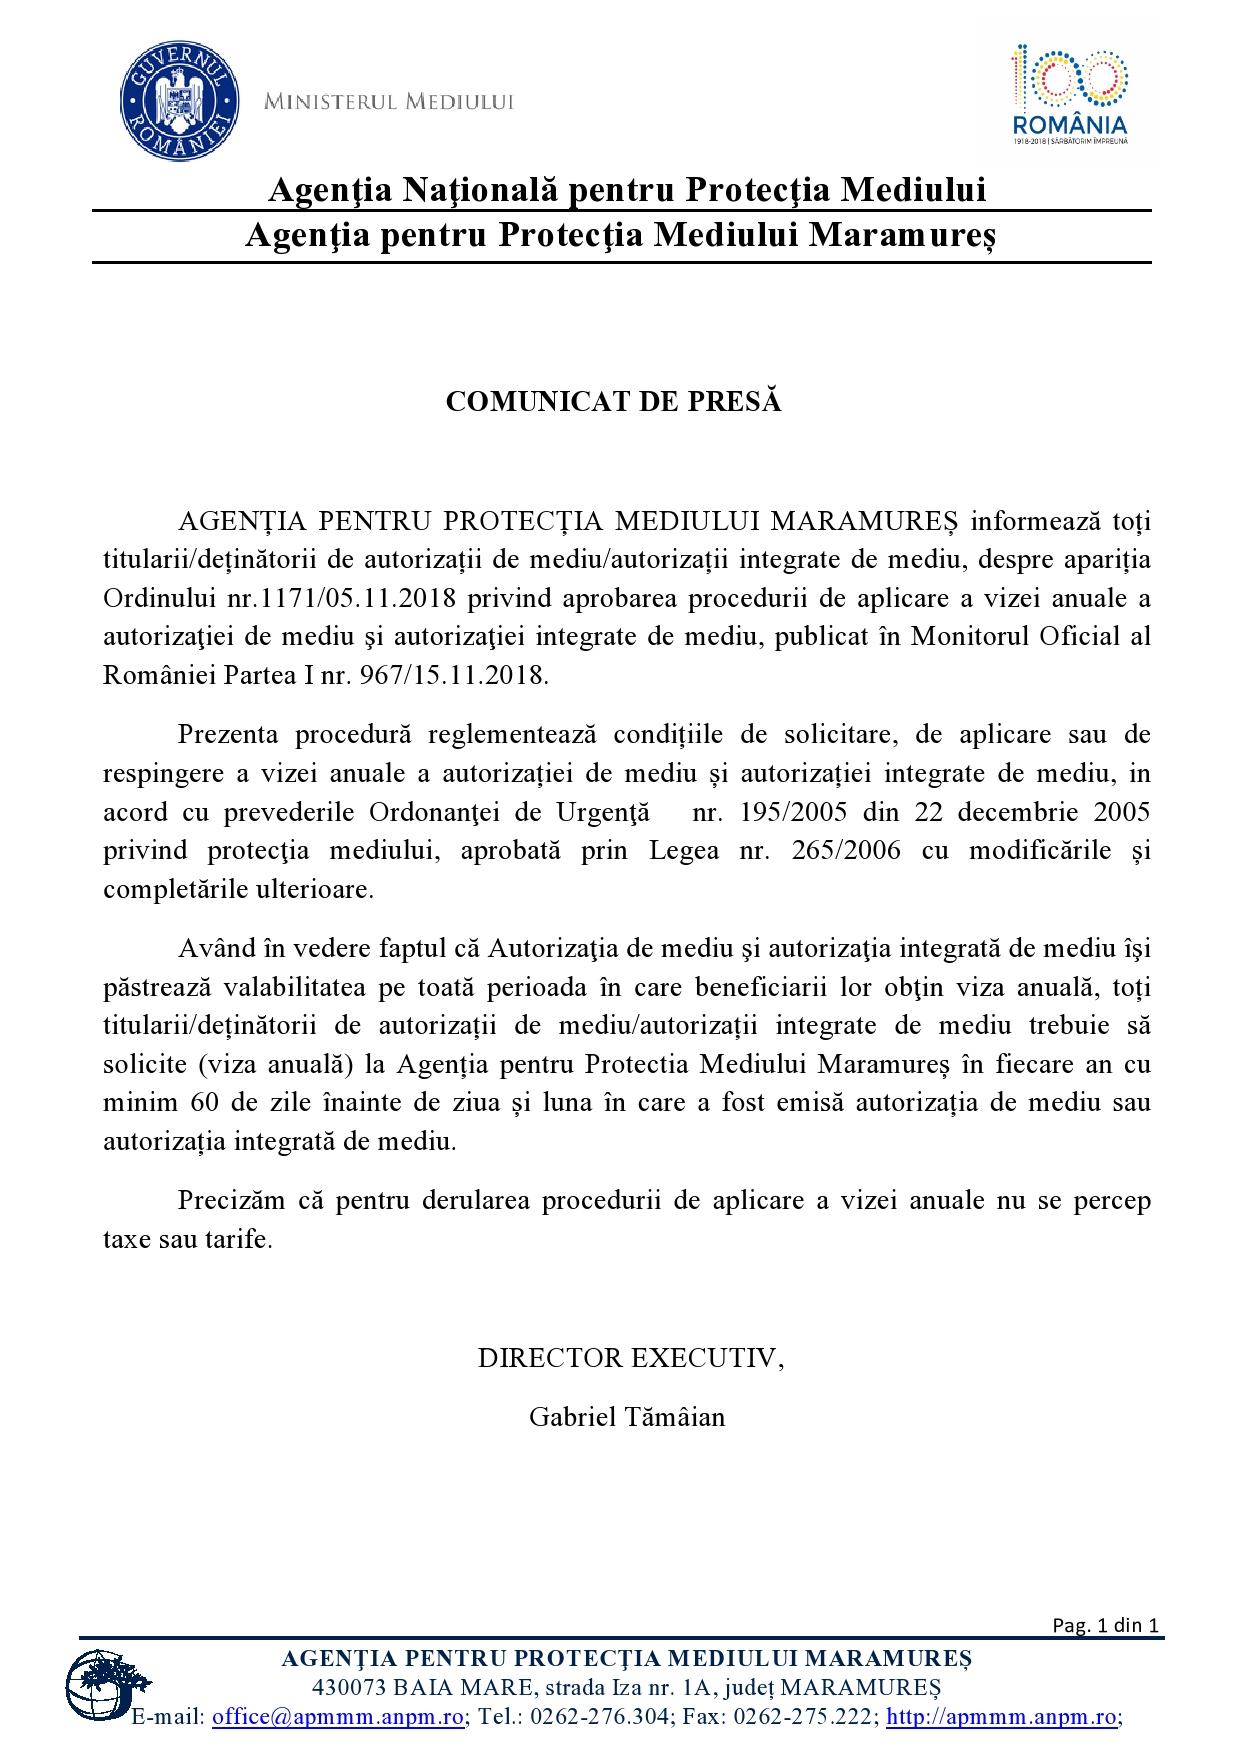 Comunicat de presă al Agenției pentru Protecția Mediului Maramureș